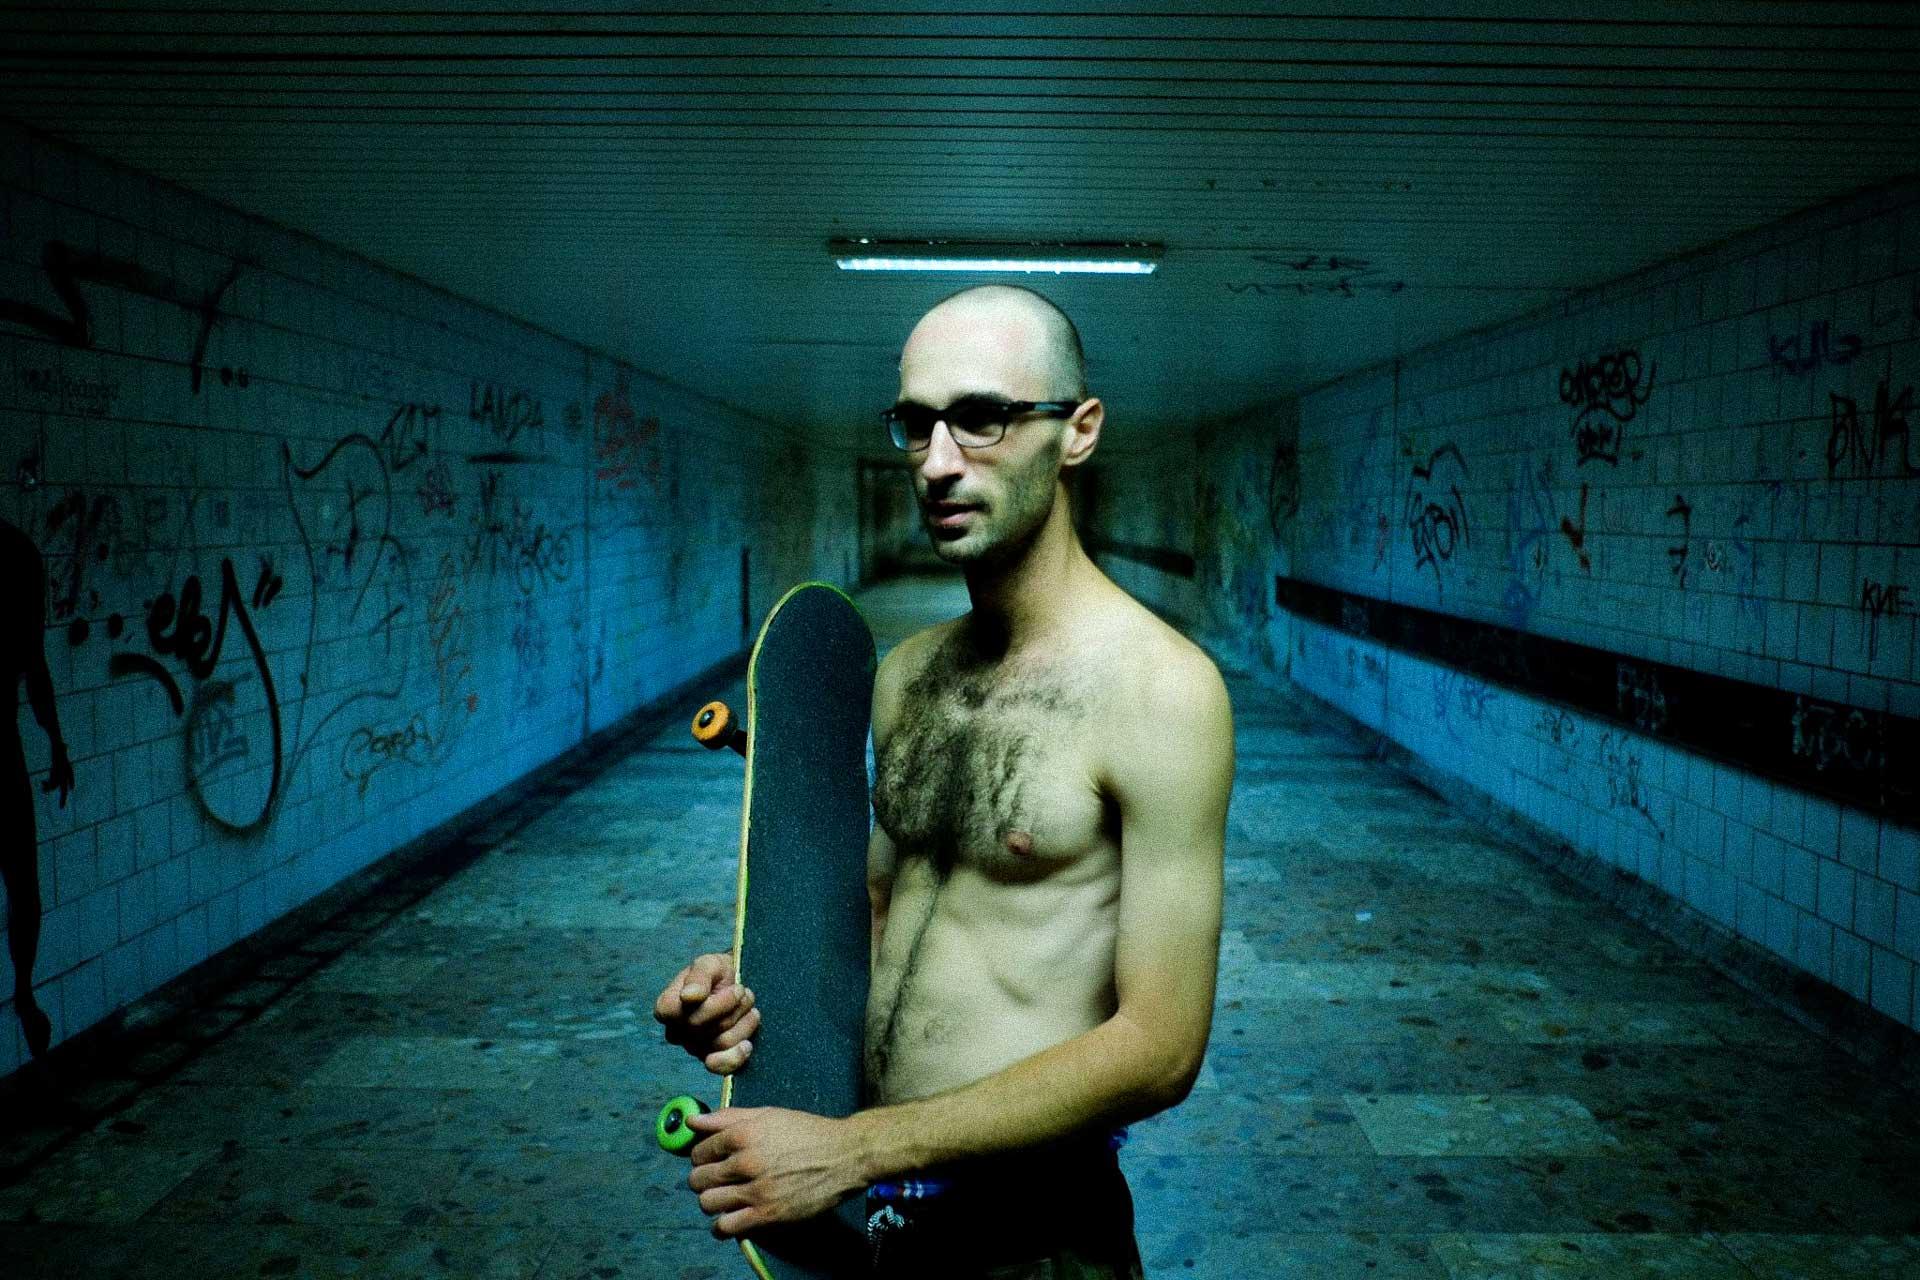 david hofmann cinematographer photo 2